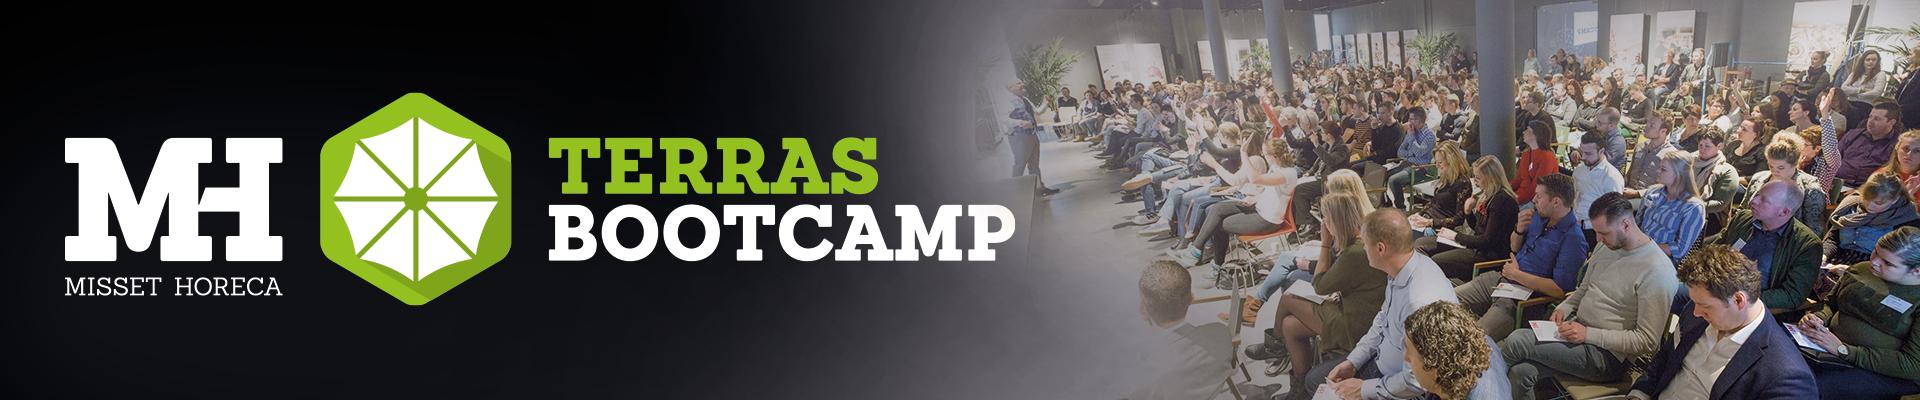 Misset Horeca Terras Bootcamp 2019